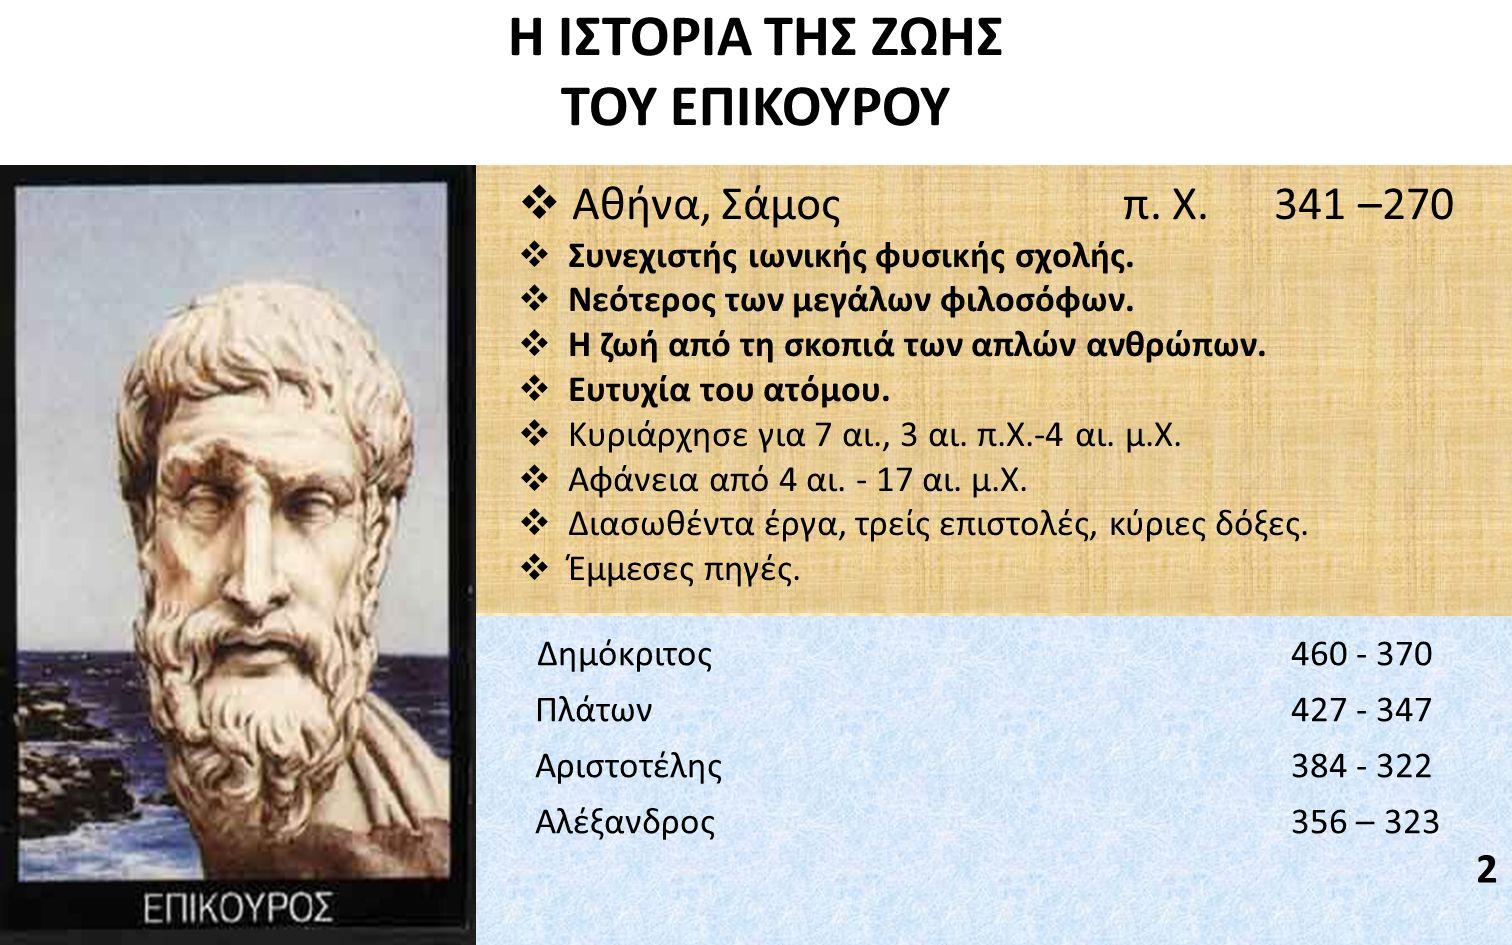 π. Χ.  Αθήνα, Σάμοςπ. Χ.341 –270  Συνεχιστής ιωνικής φυσικής σχολής.